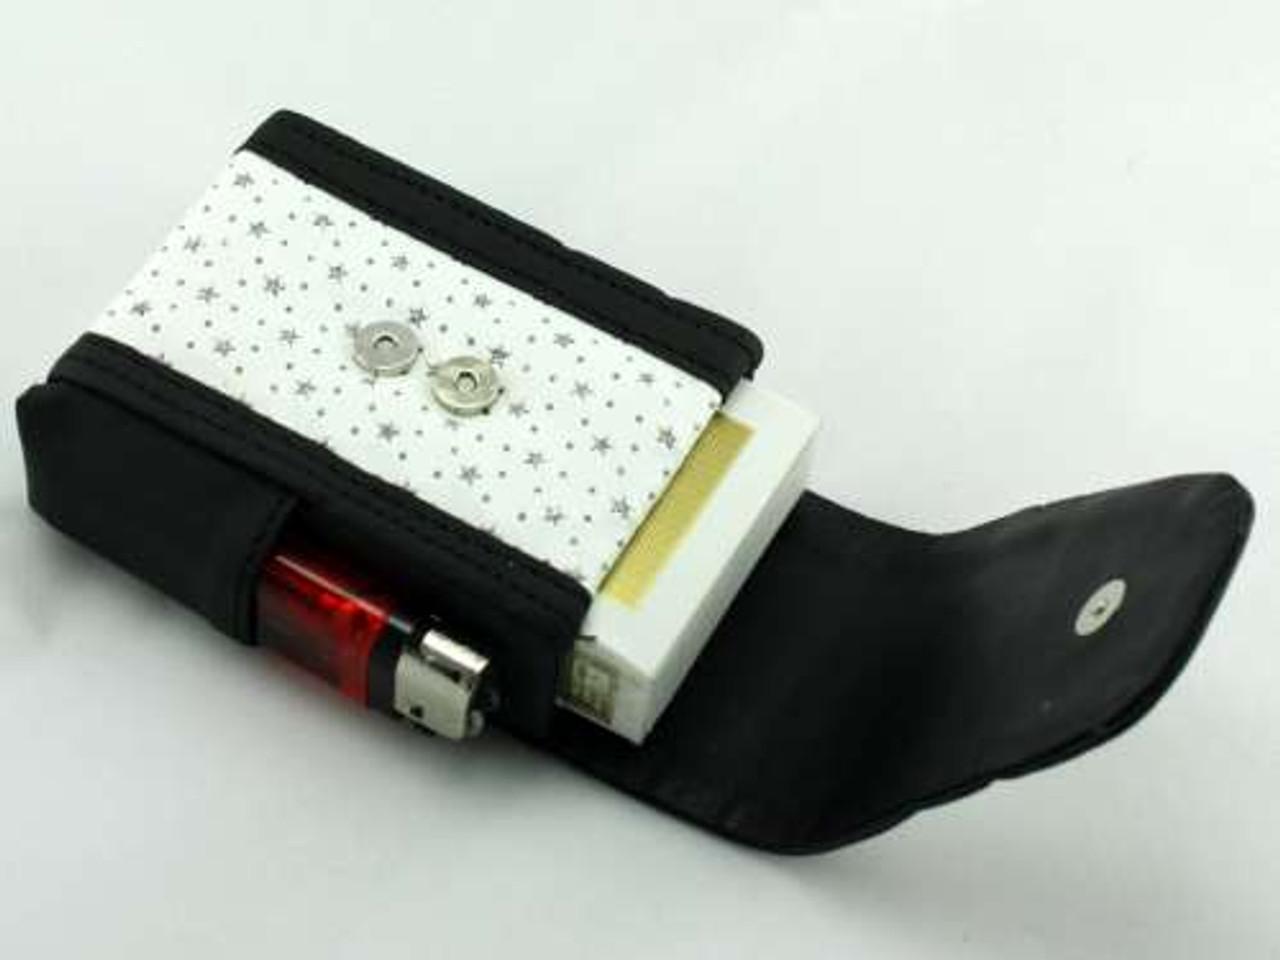 White Star Cigarette Pack Holder